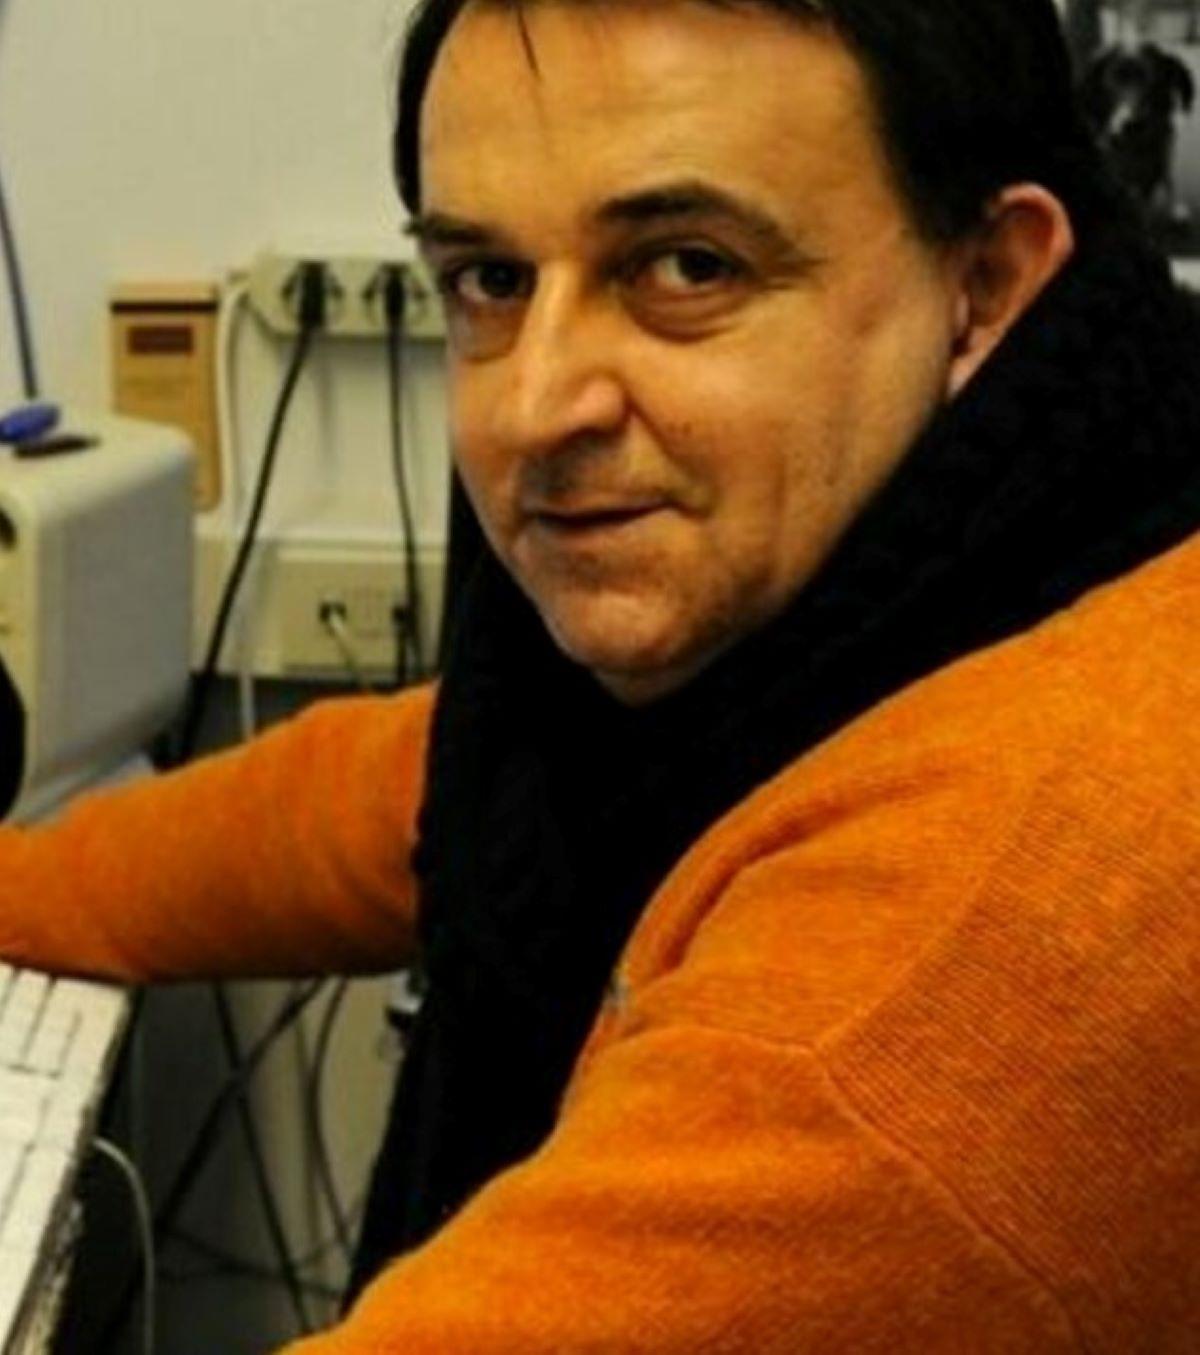 Roberto Serio Morto Lutto Giornalismo Italiano